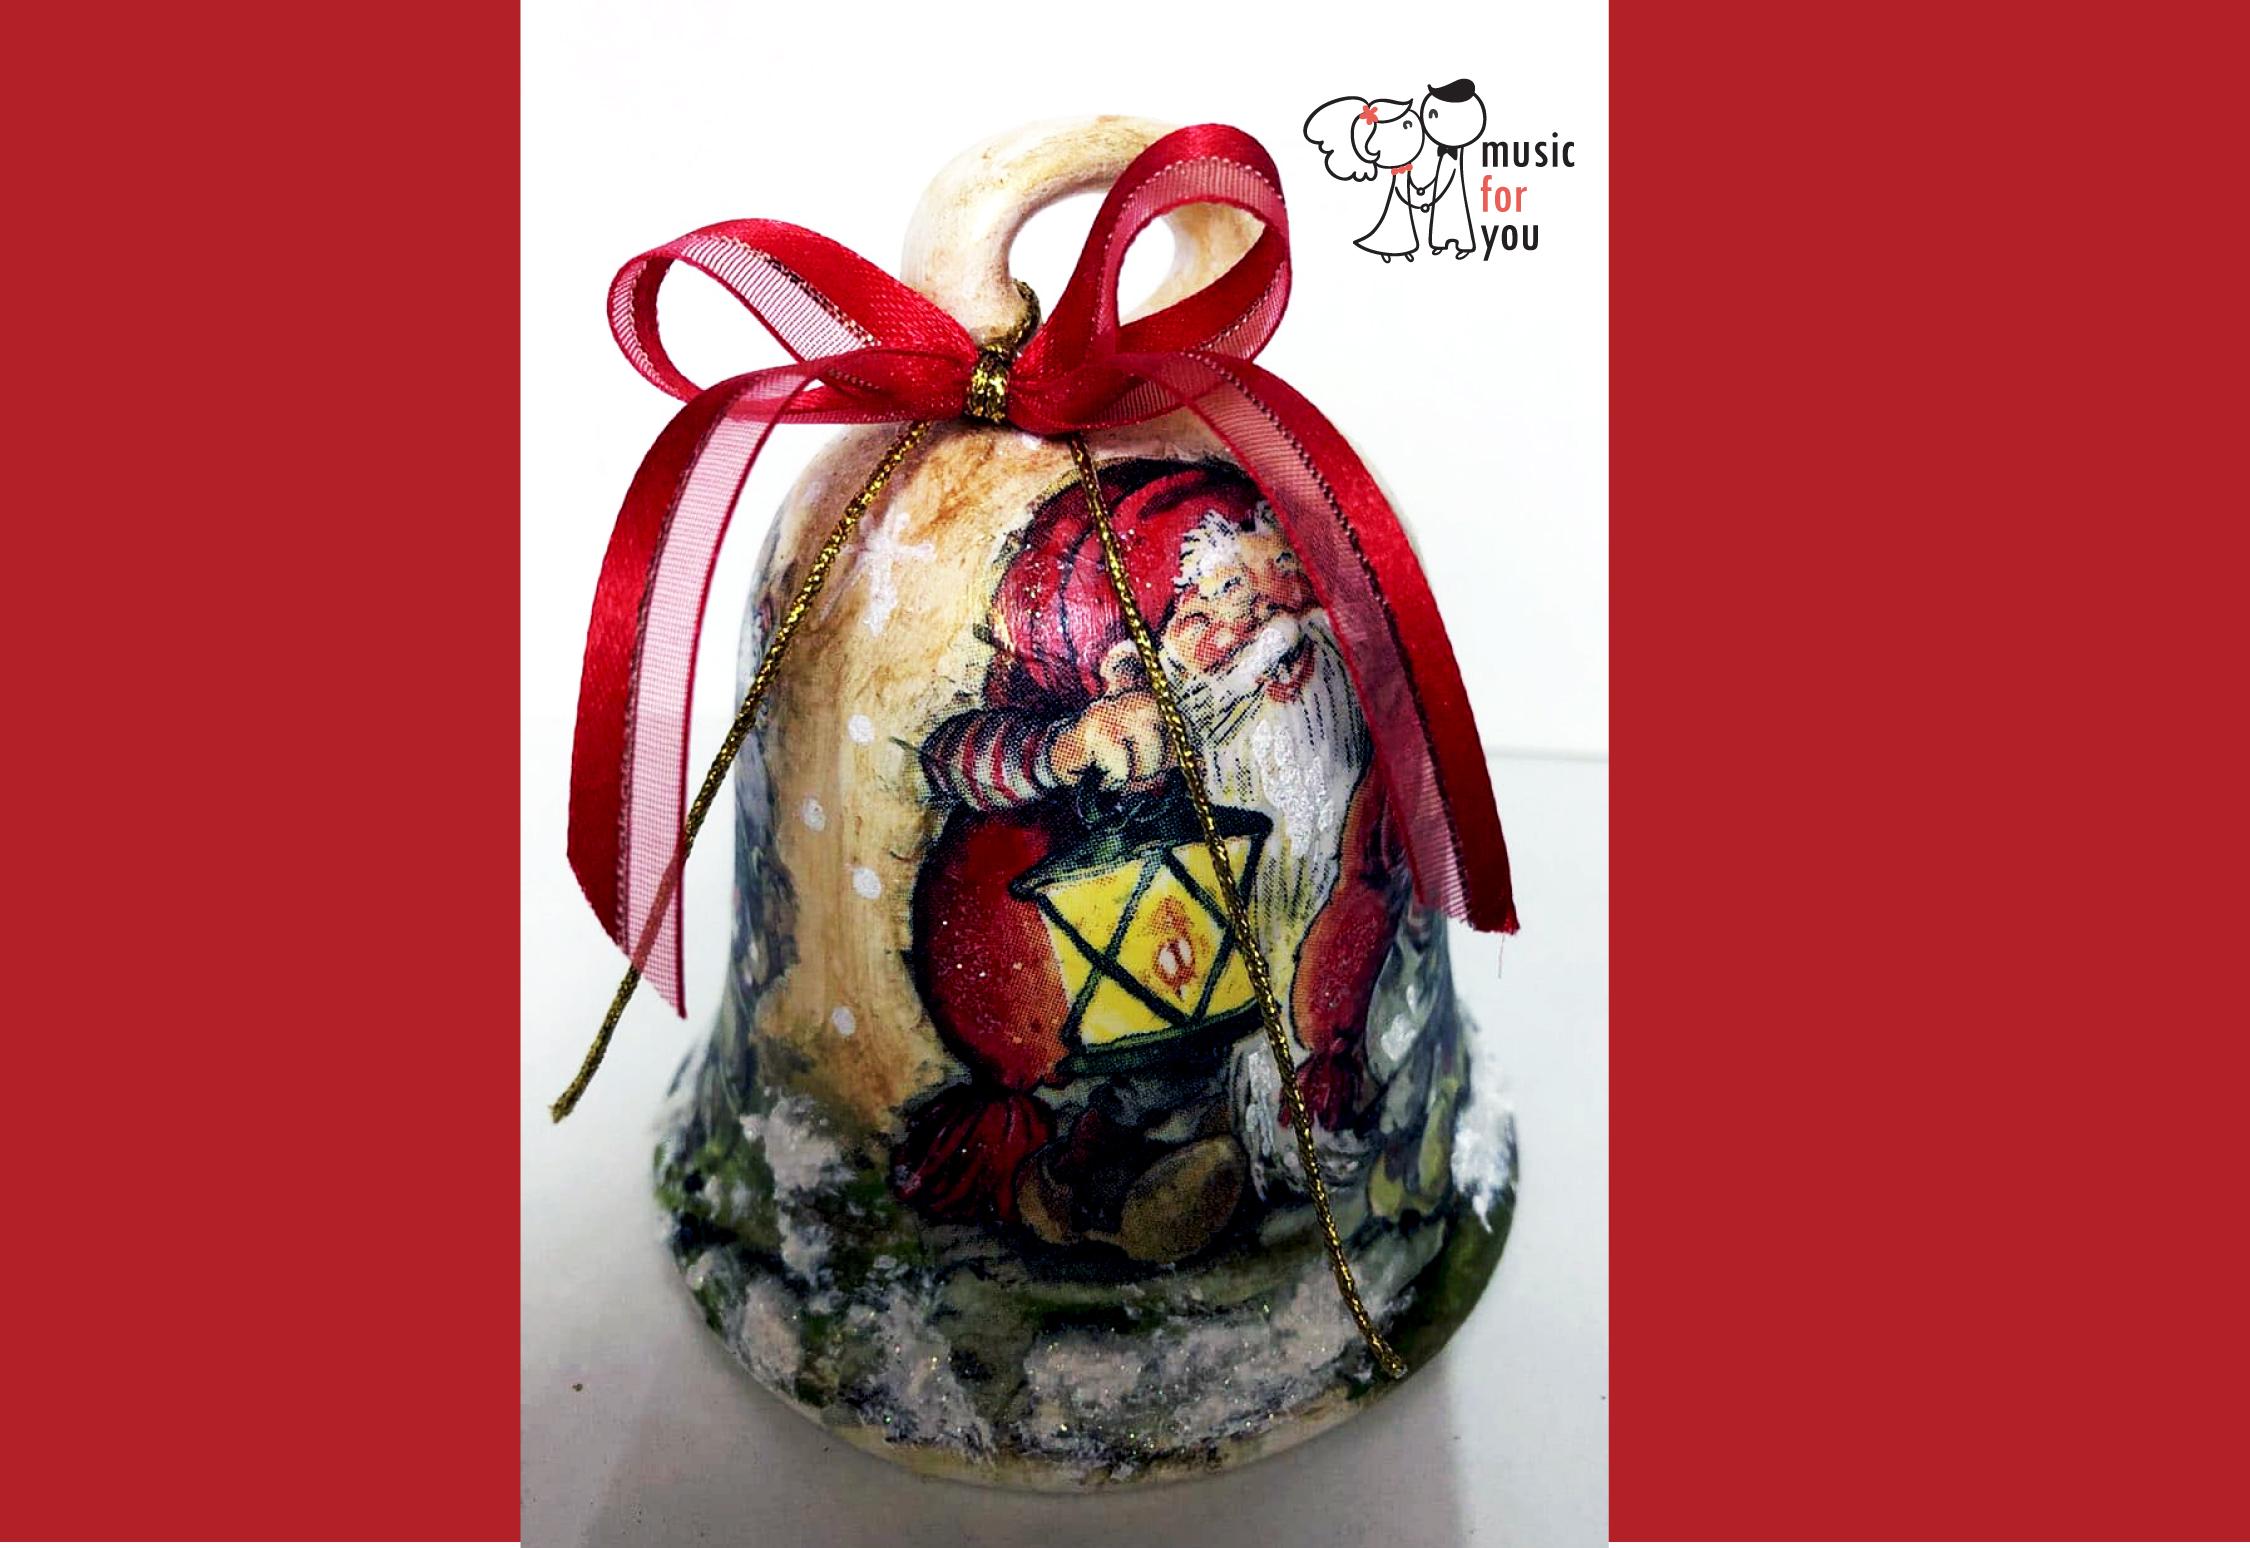 Подарък за празниците! Рисувана бутилка червено вино с празнична декорация + арт камбанка от Music for You! - Снимка 6